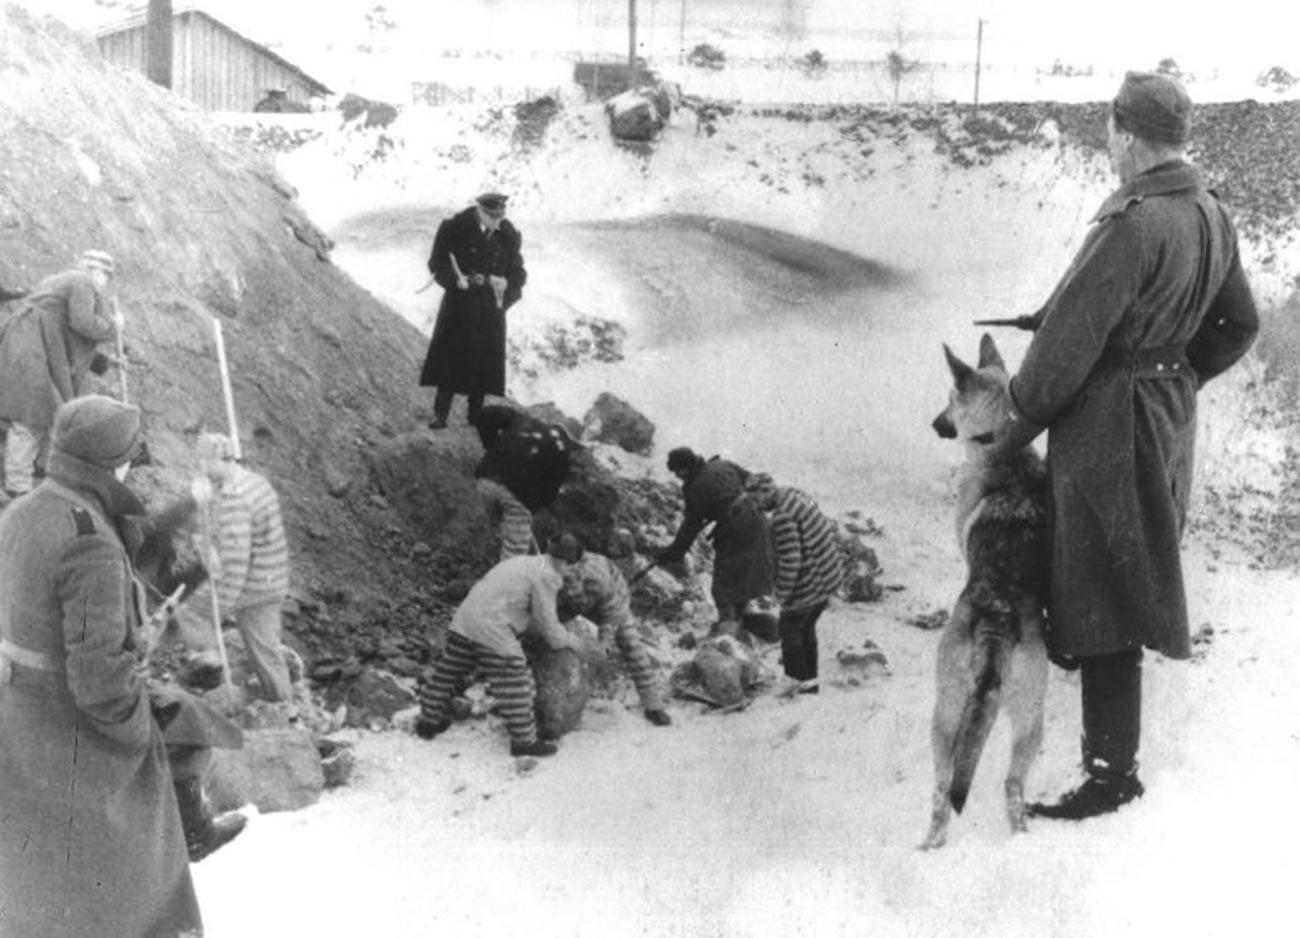 Sovjetski vojni ujetniki taborišča Stalag 352